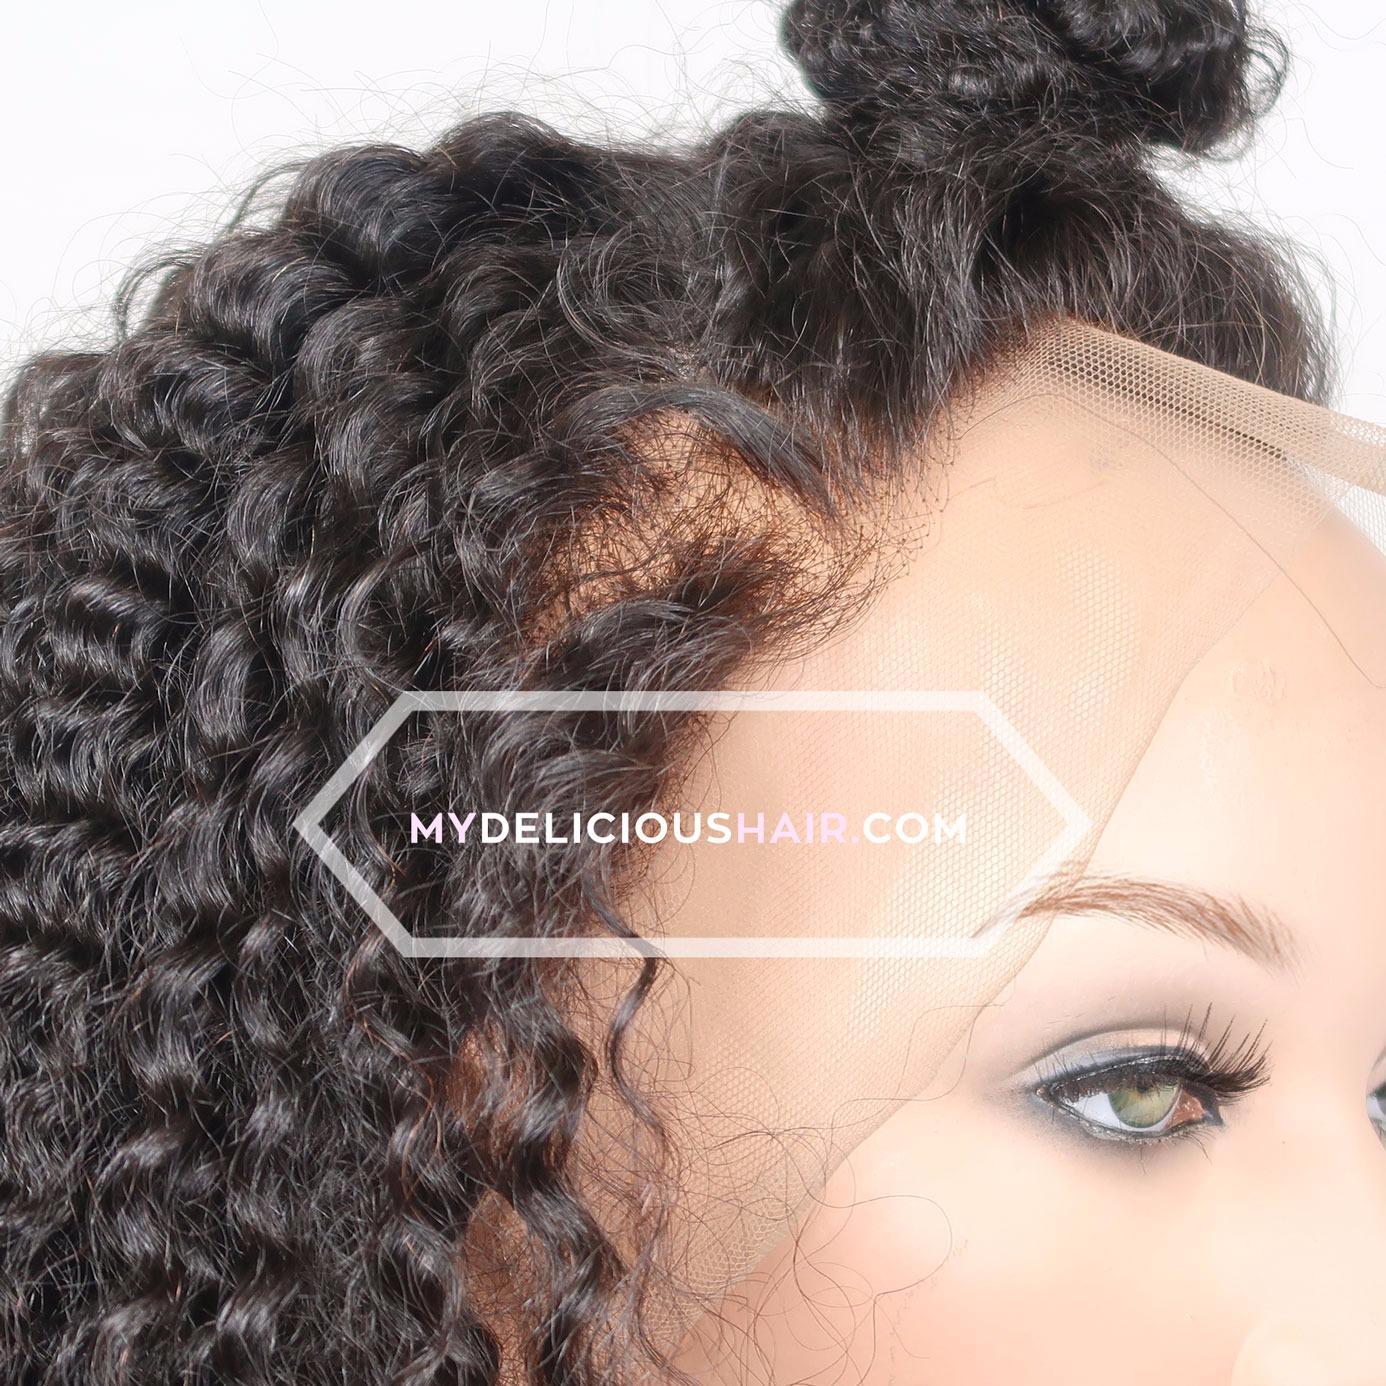 Shop Lace Wigs image 10